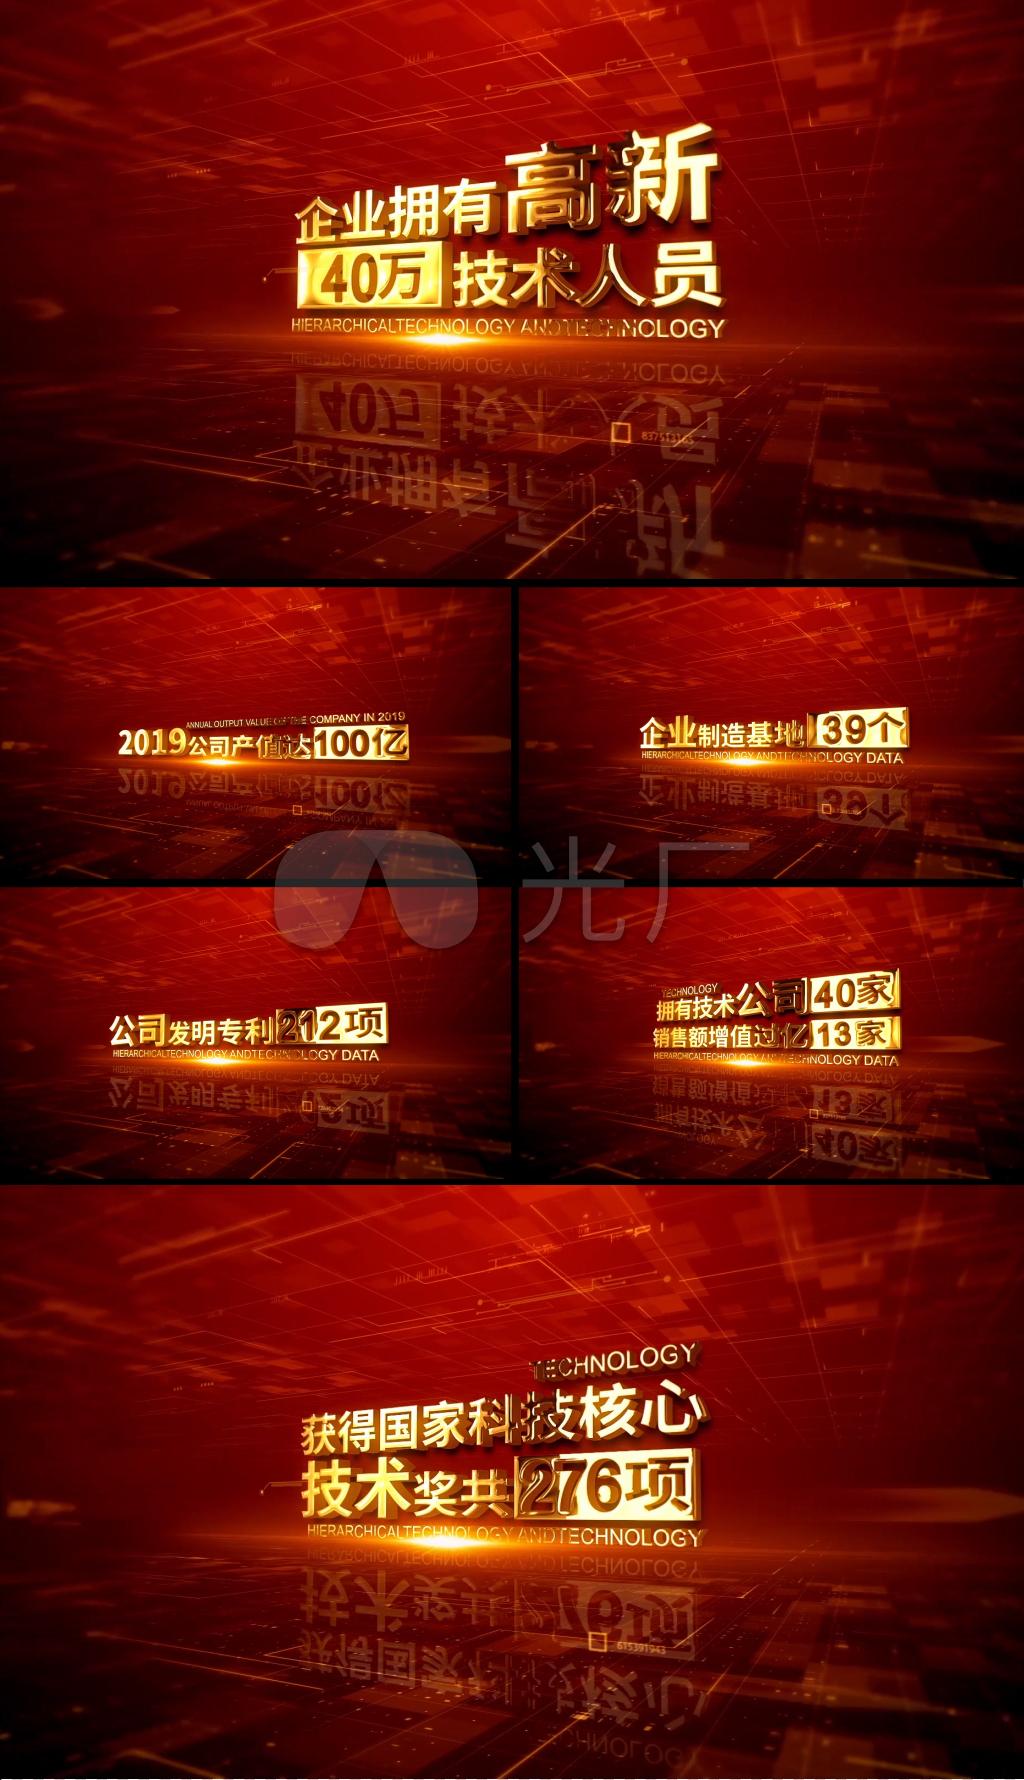 大气科技企业数据字幕展示bbin电子游戏赌场